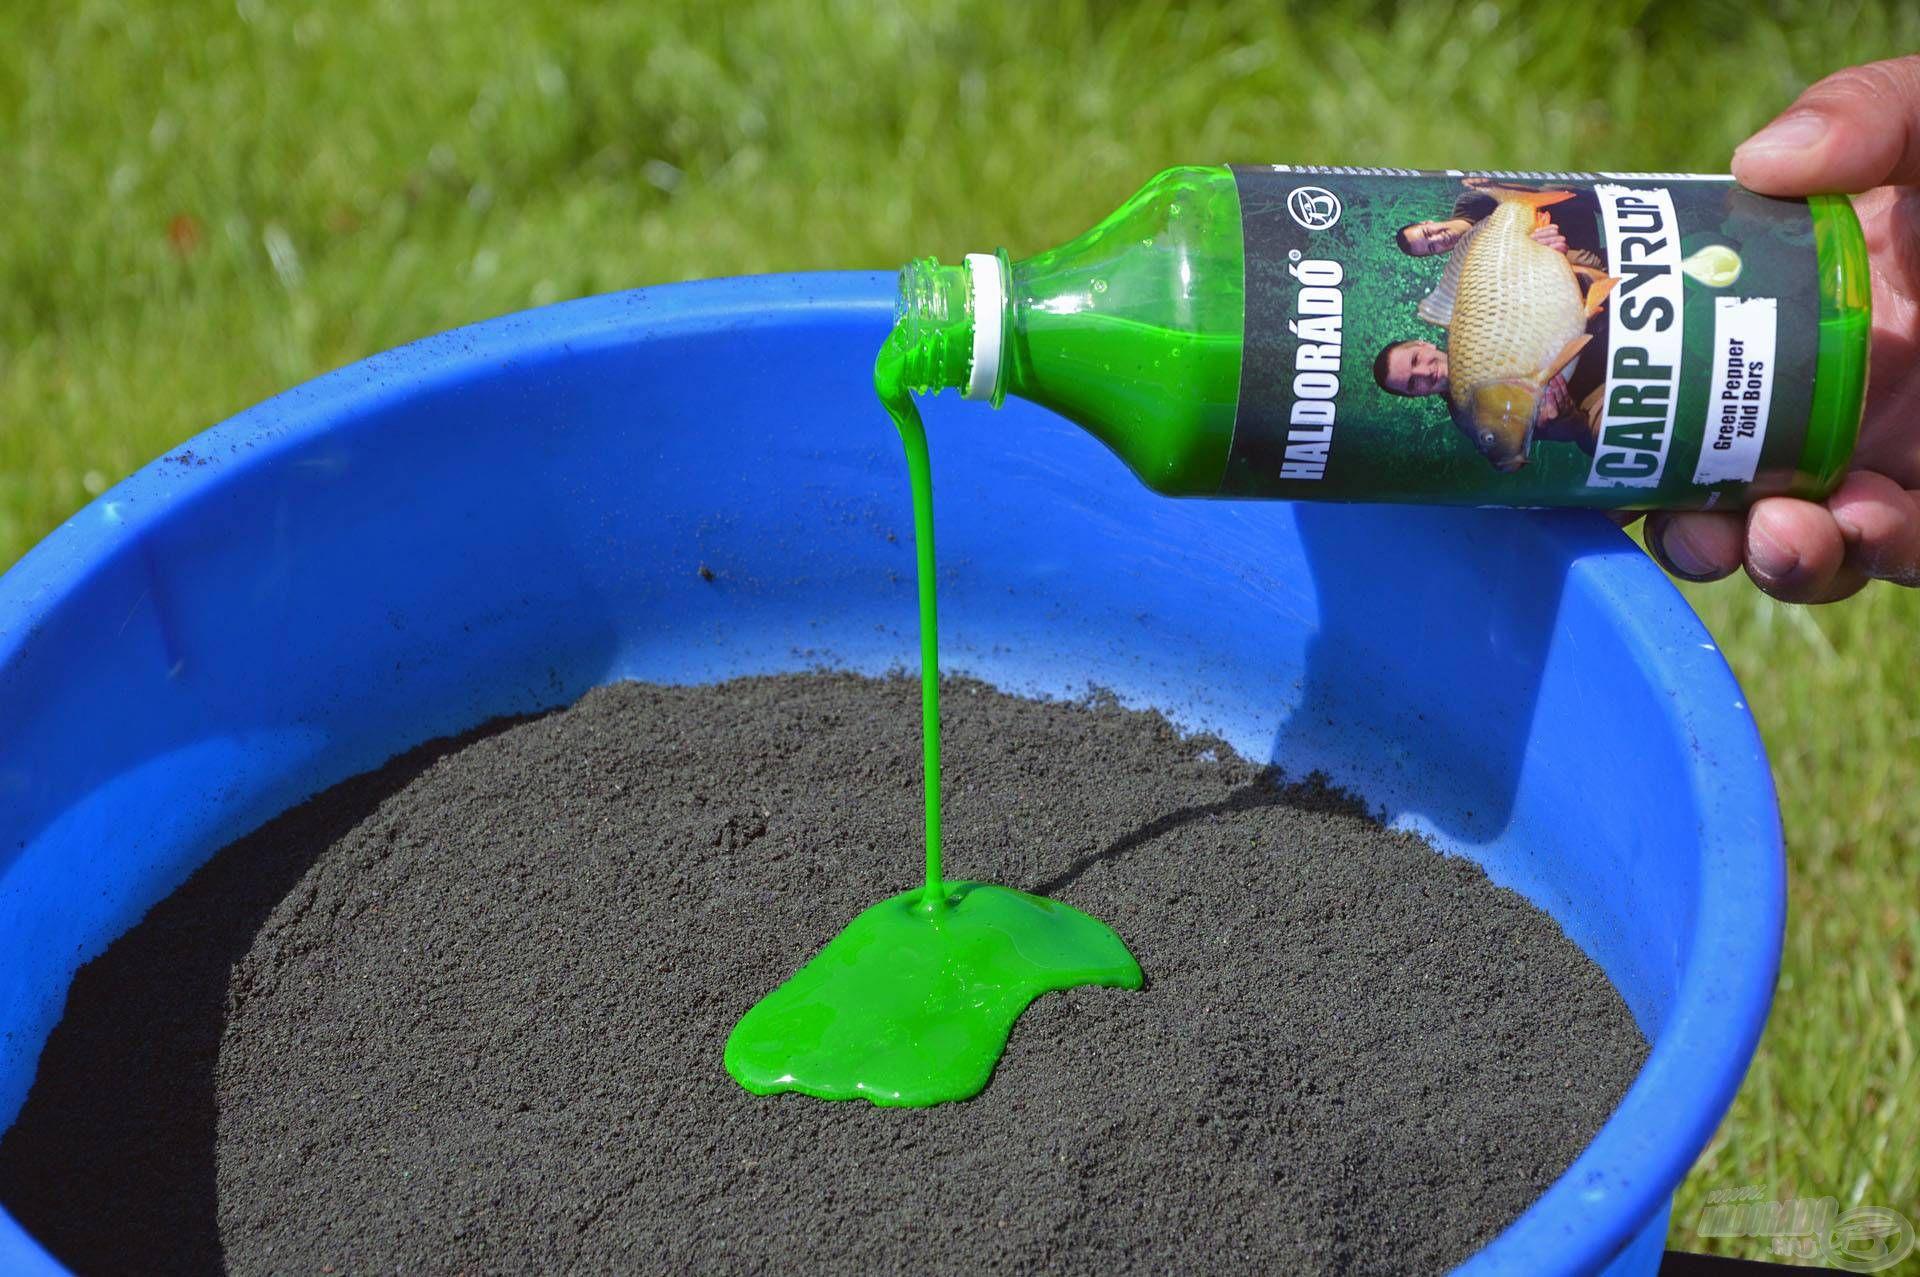 Kiválóan harmonizál a Zöld Bors aromával, így az etetőanyag hatékonysága remekül fokozható némi Carp Syrup hozzáadásával